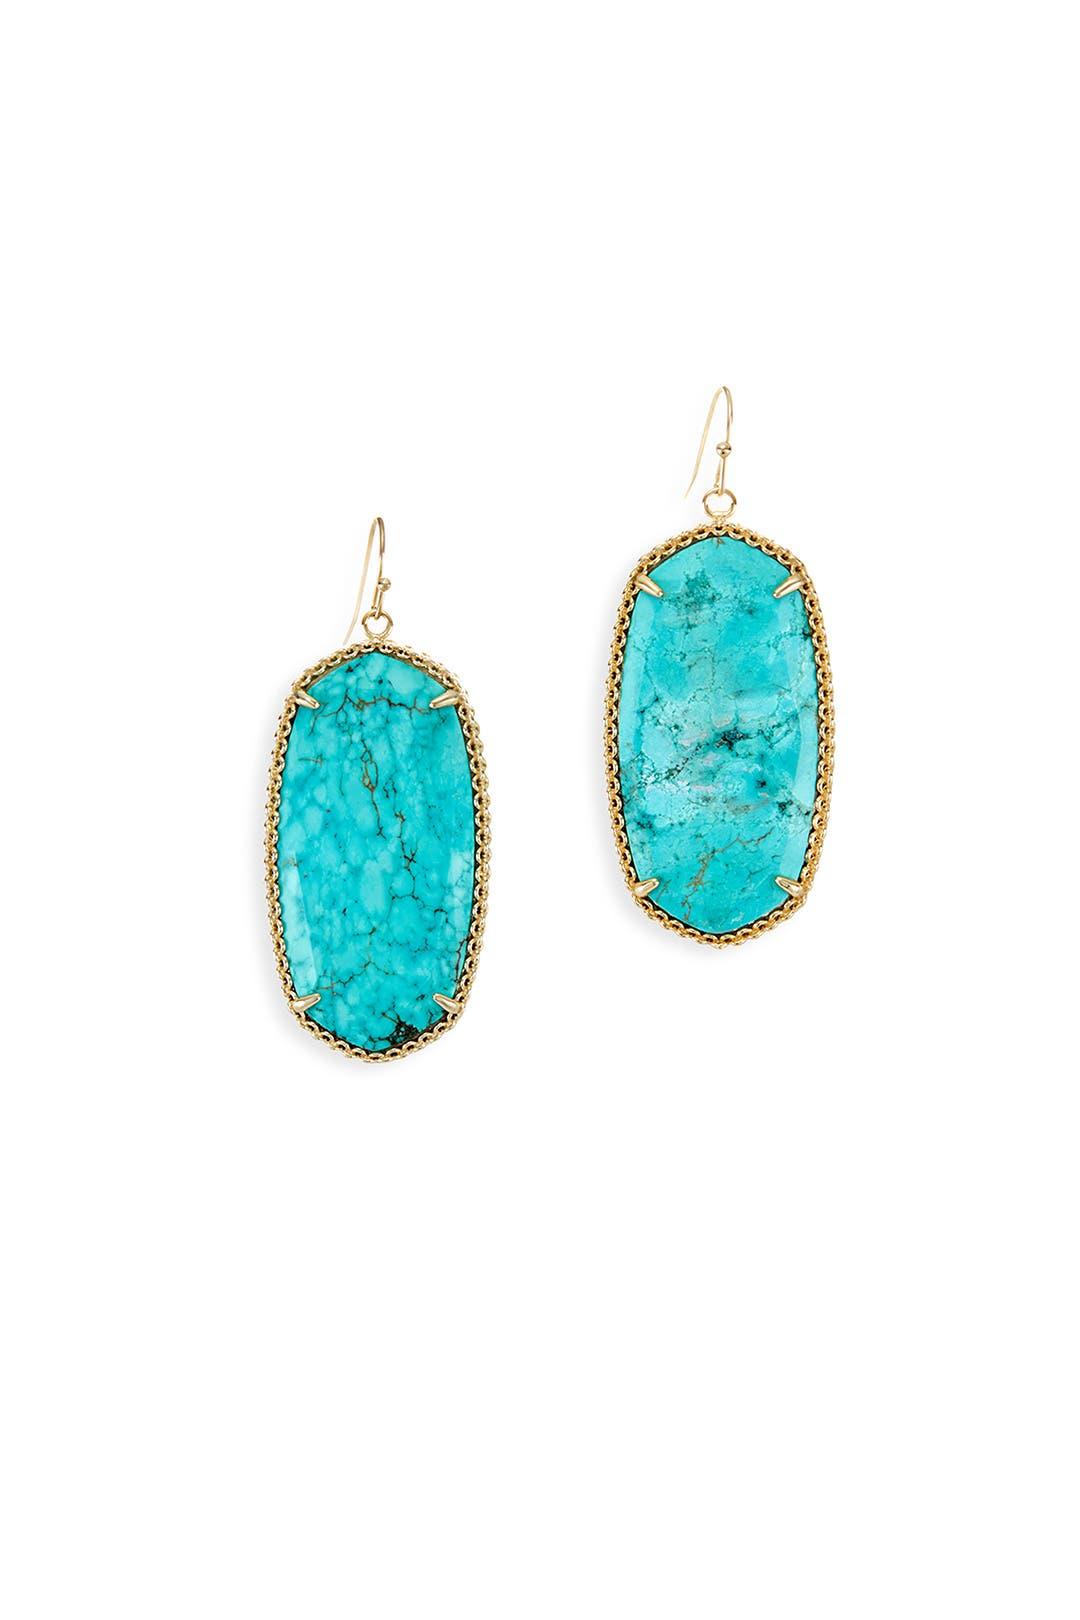 Turq Deily Earrings by Kendra Scott